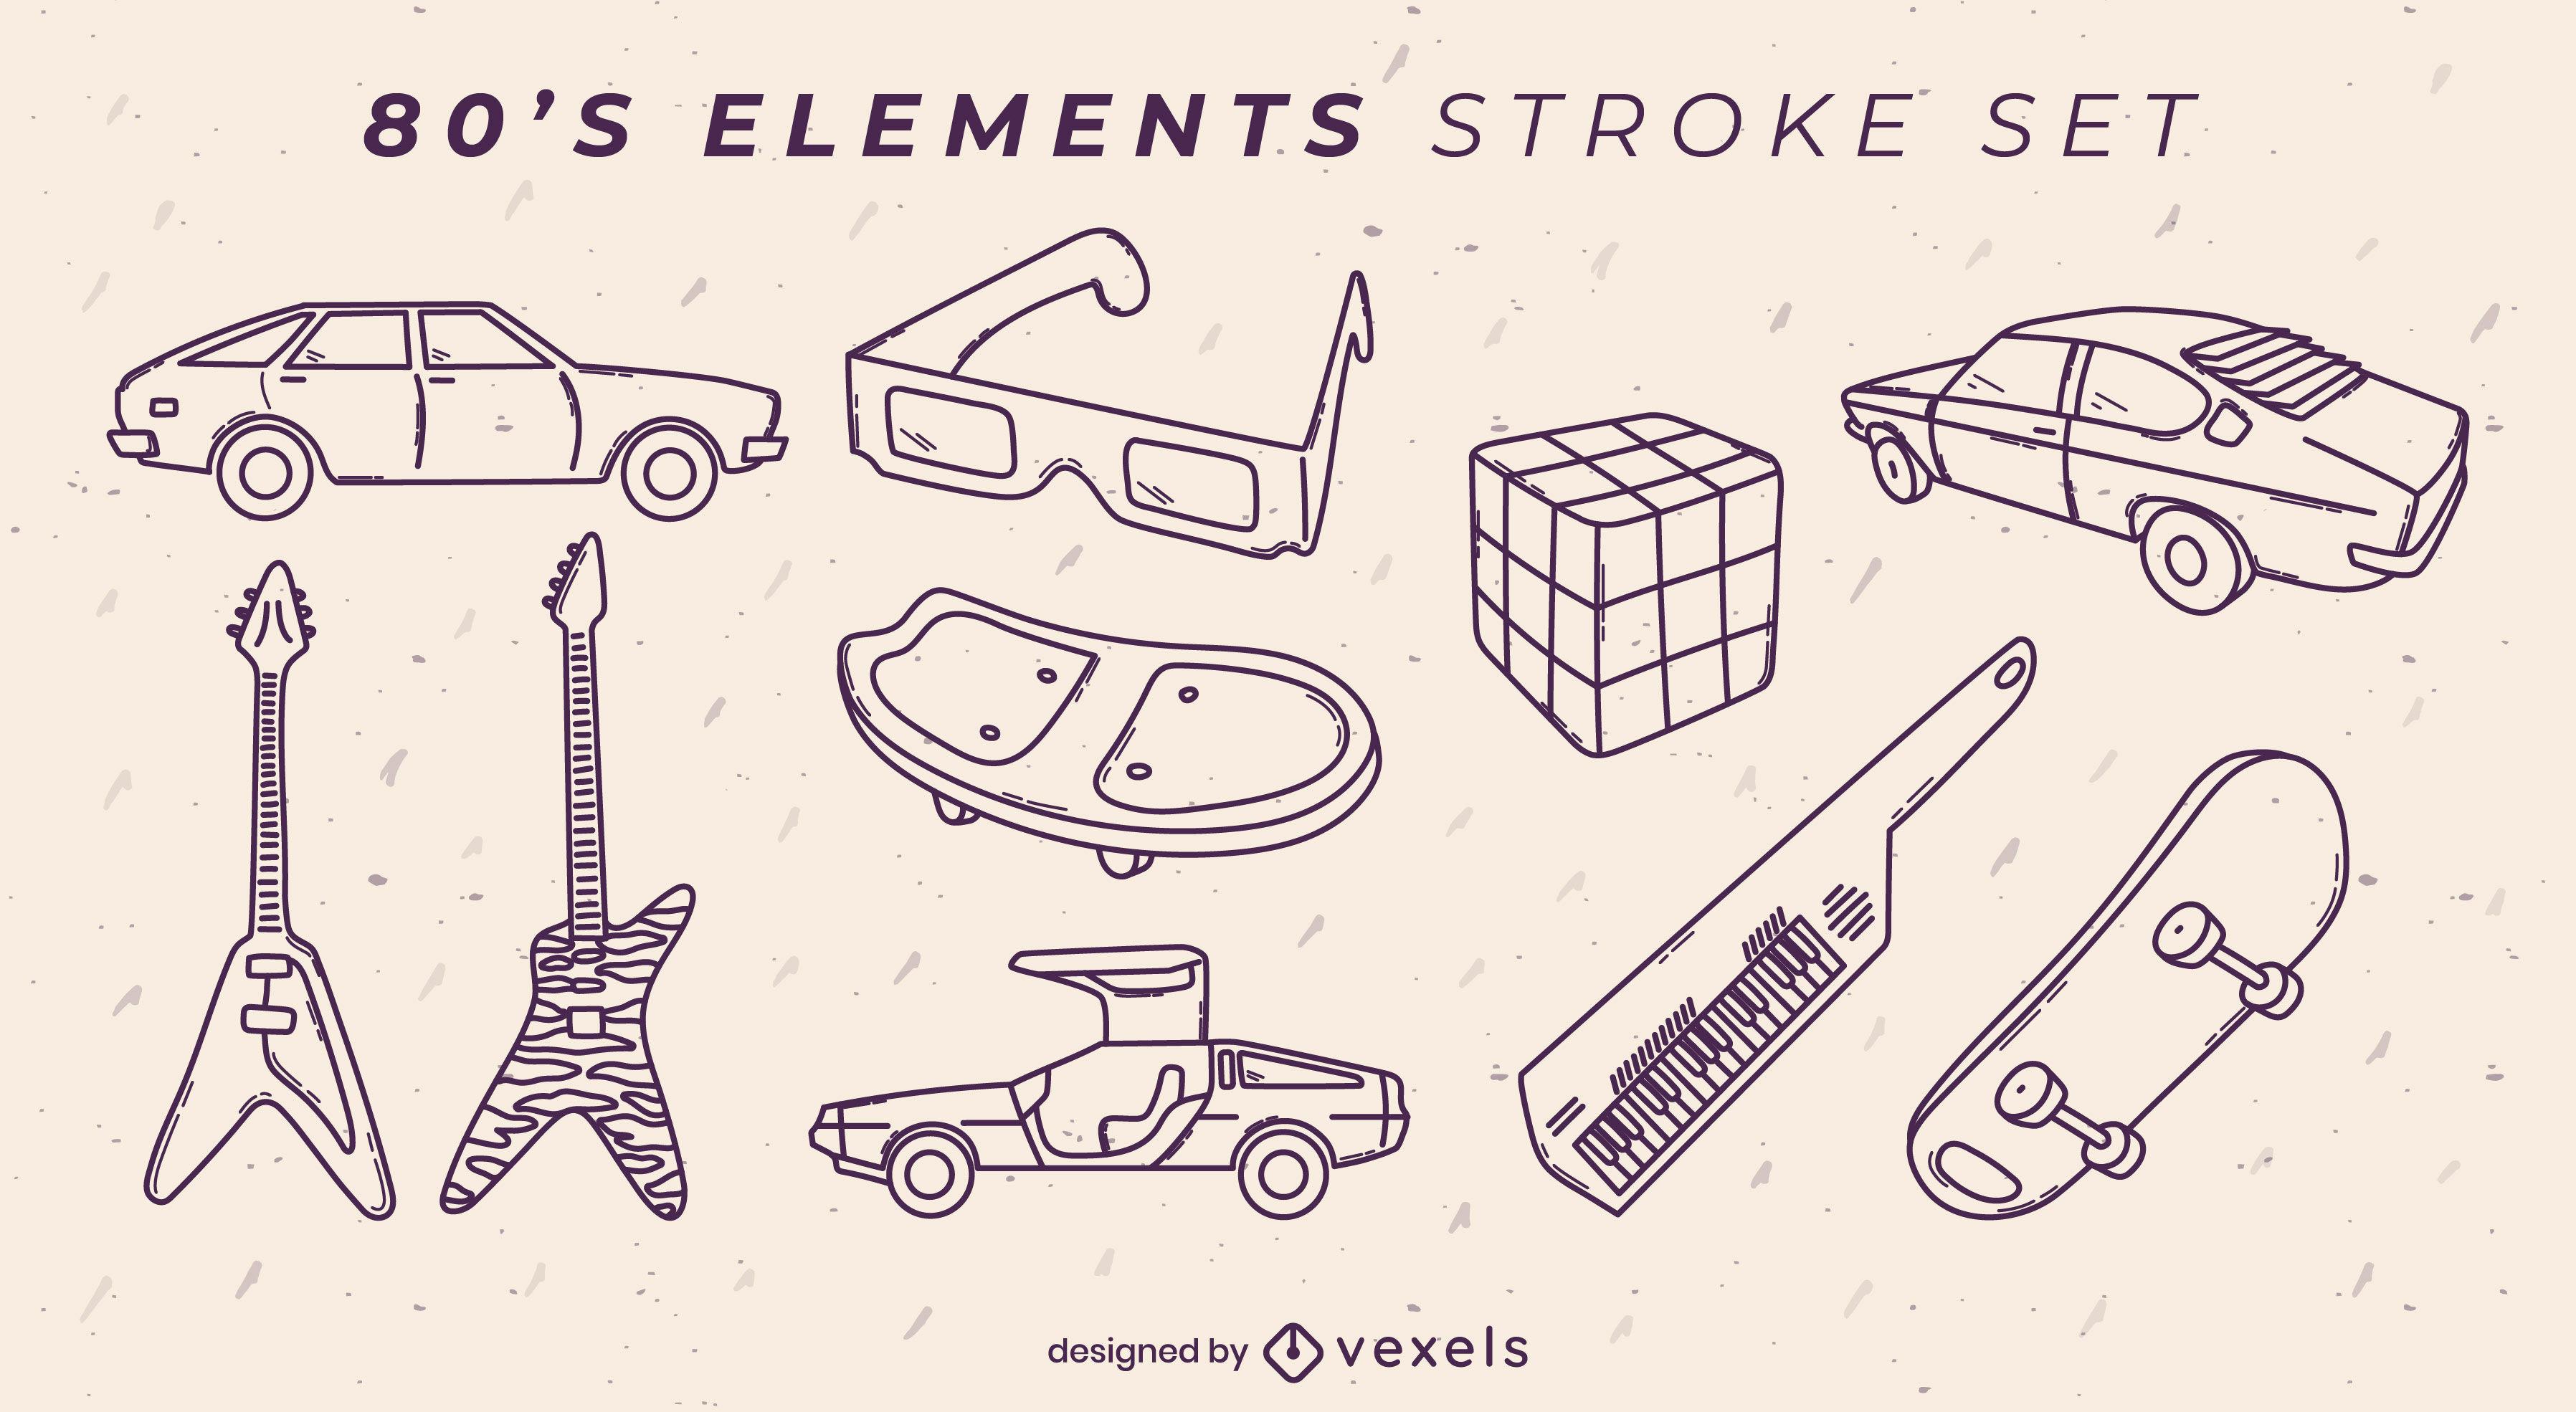 Retro 80s set of elements stroke